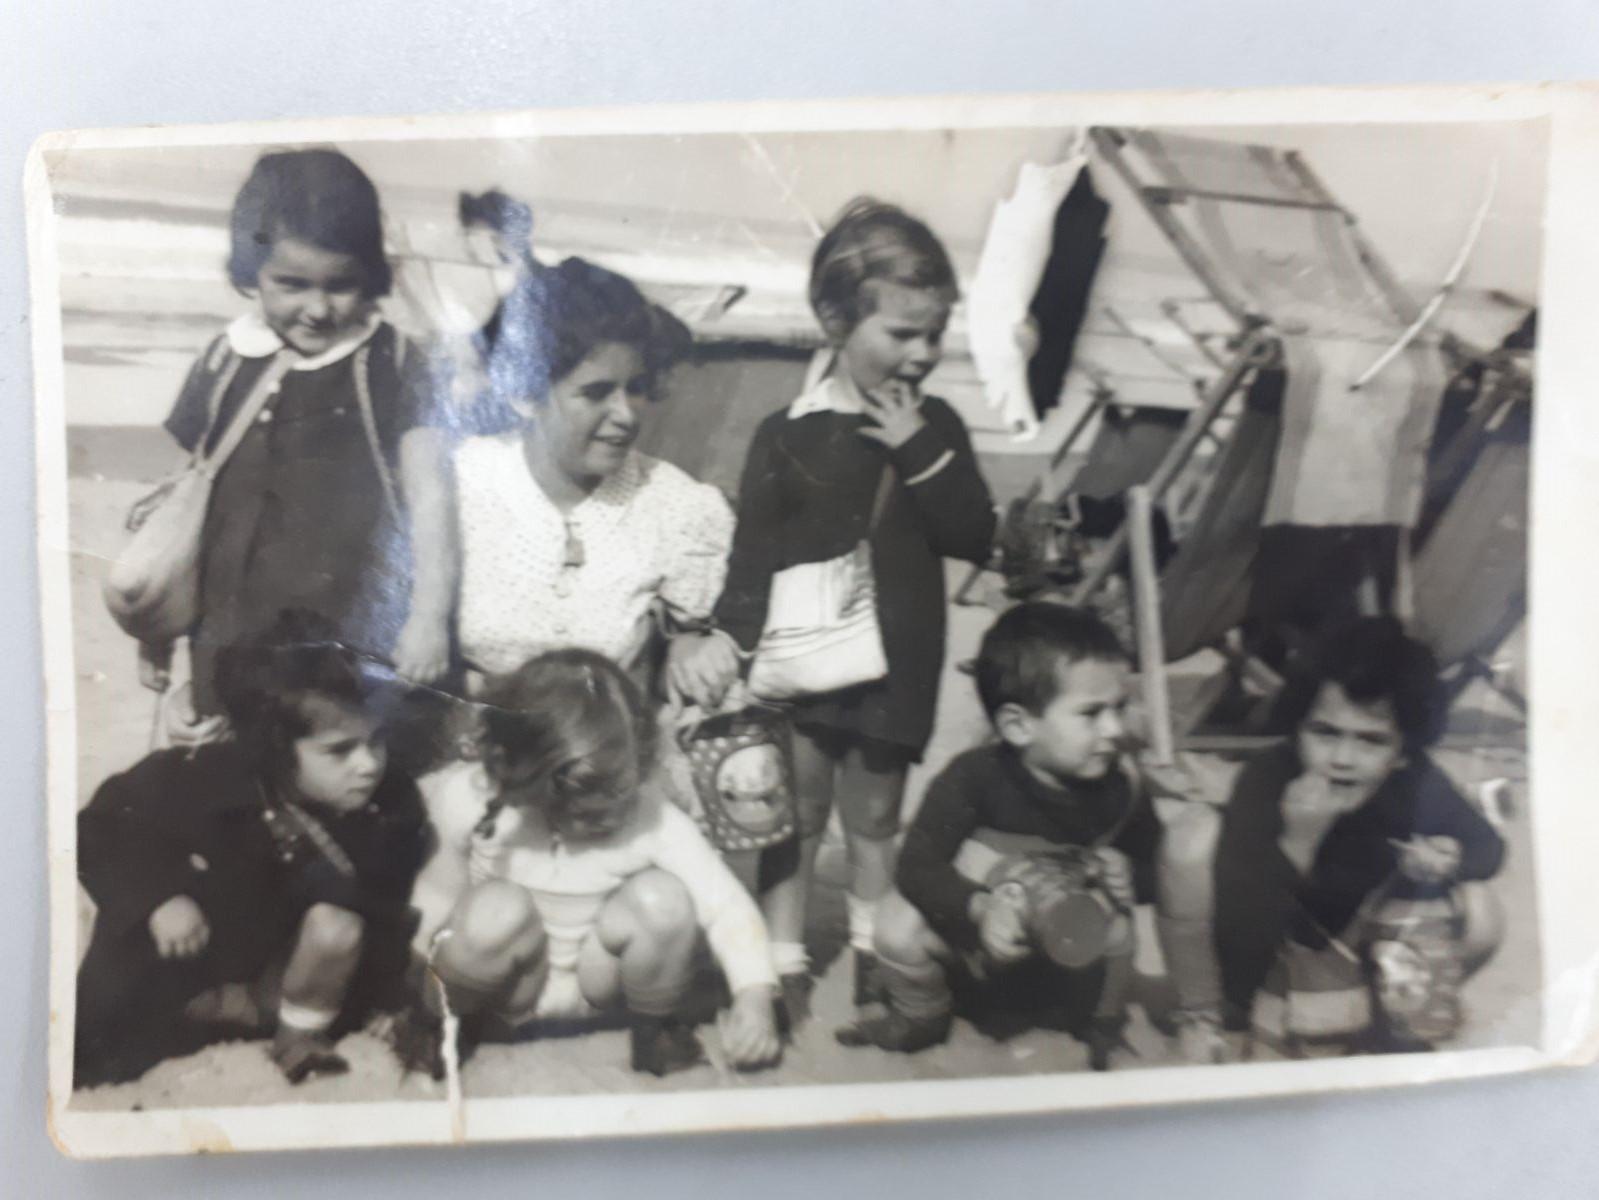 סבתא בגיל 3 על חוף הים עם הגנון